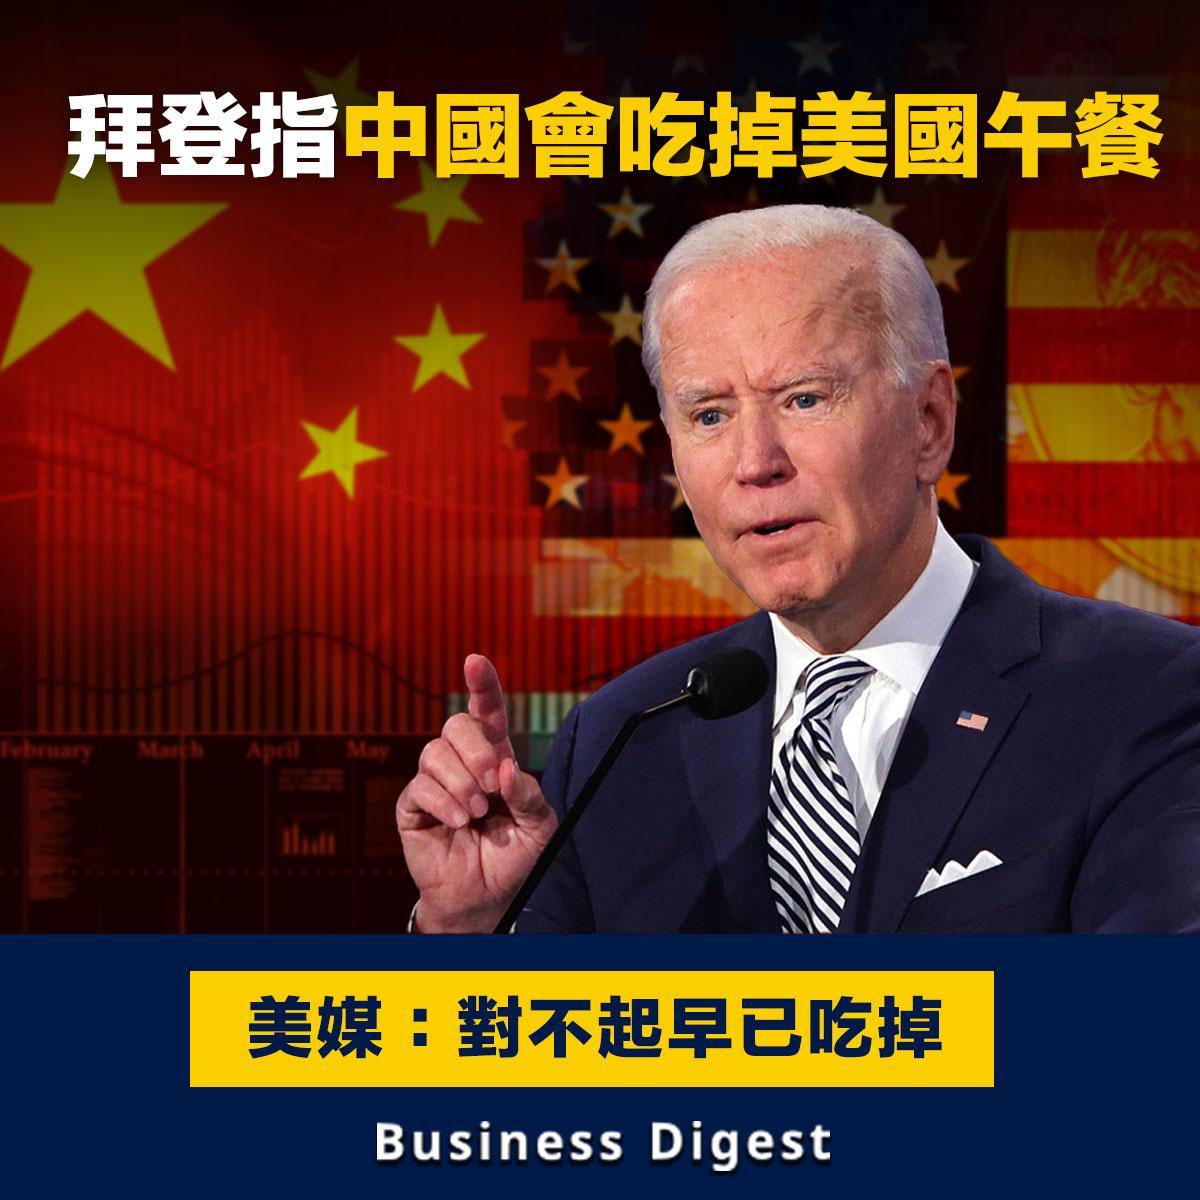 拜登指中國會吃掉美國午餐,美媒:對不起早已吃掉